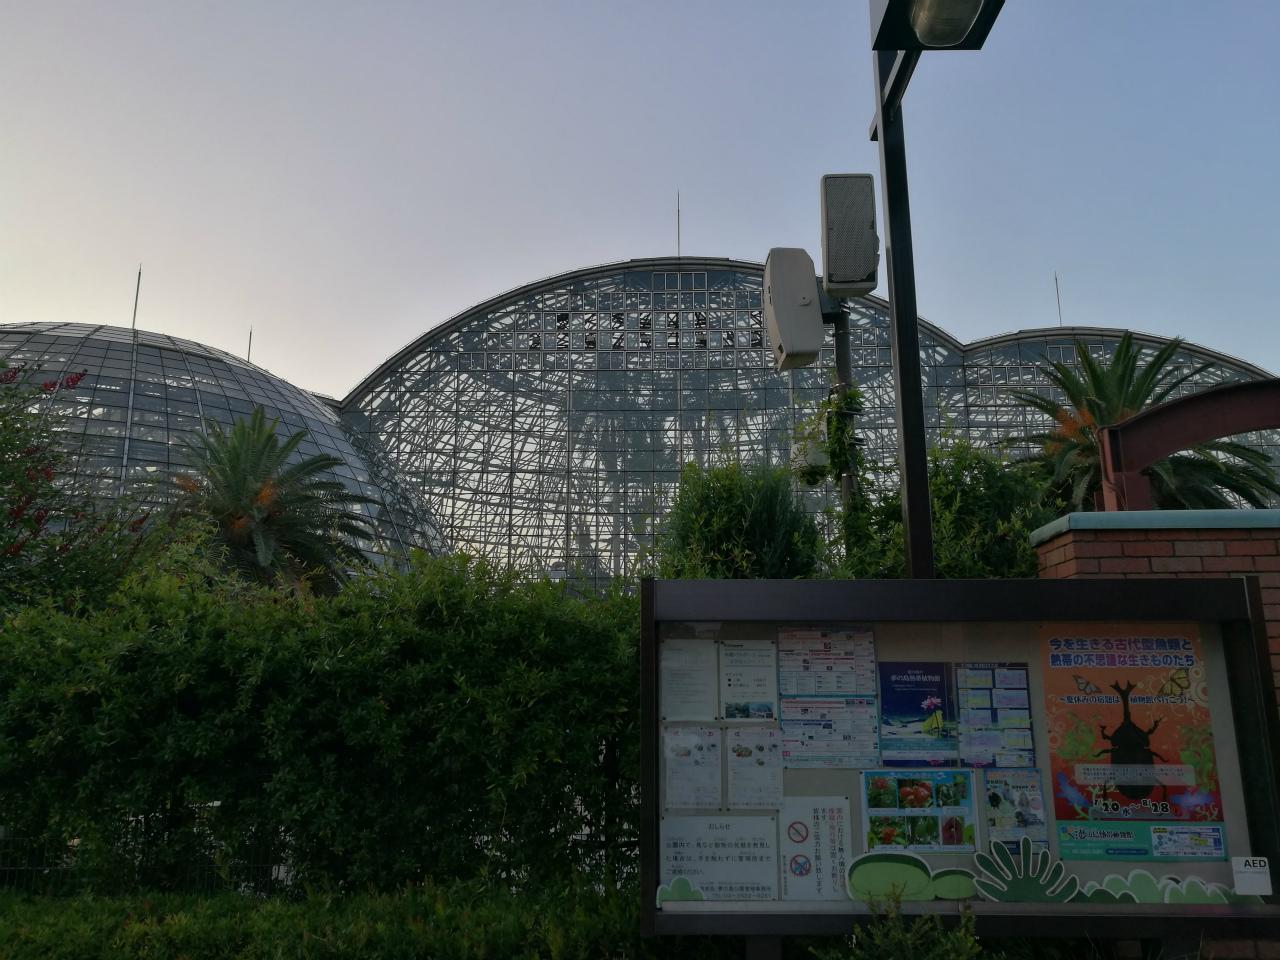 yumenoshima-tropical-greenhouse-dome-2016-03